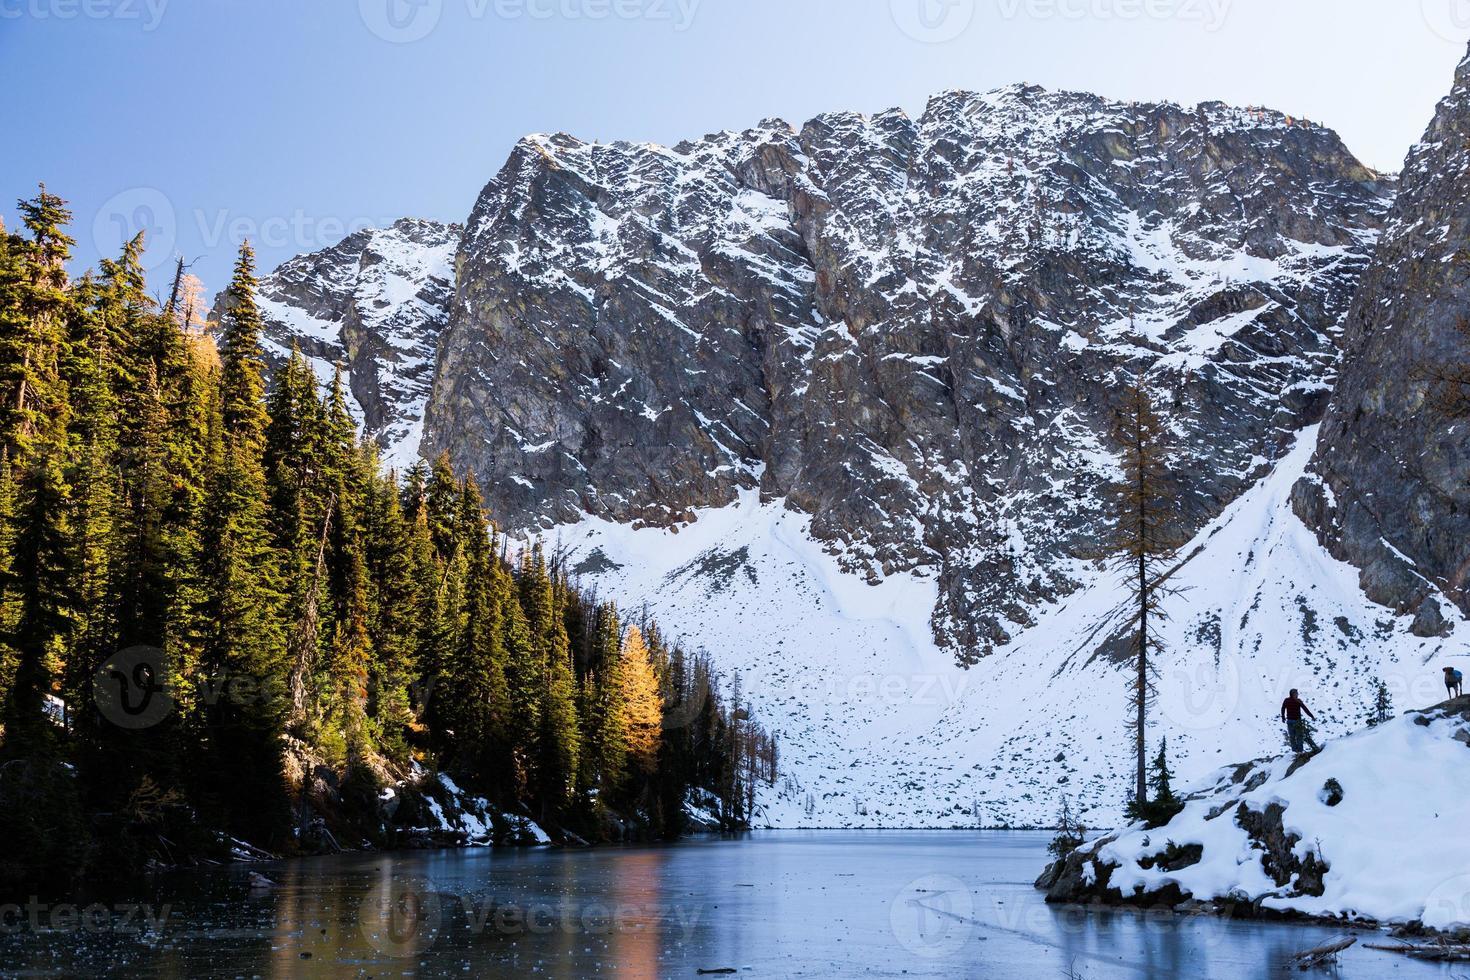 lago blu ghiacciato nelle cacades del nord foto